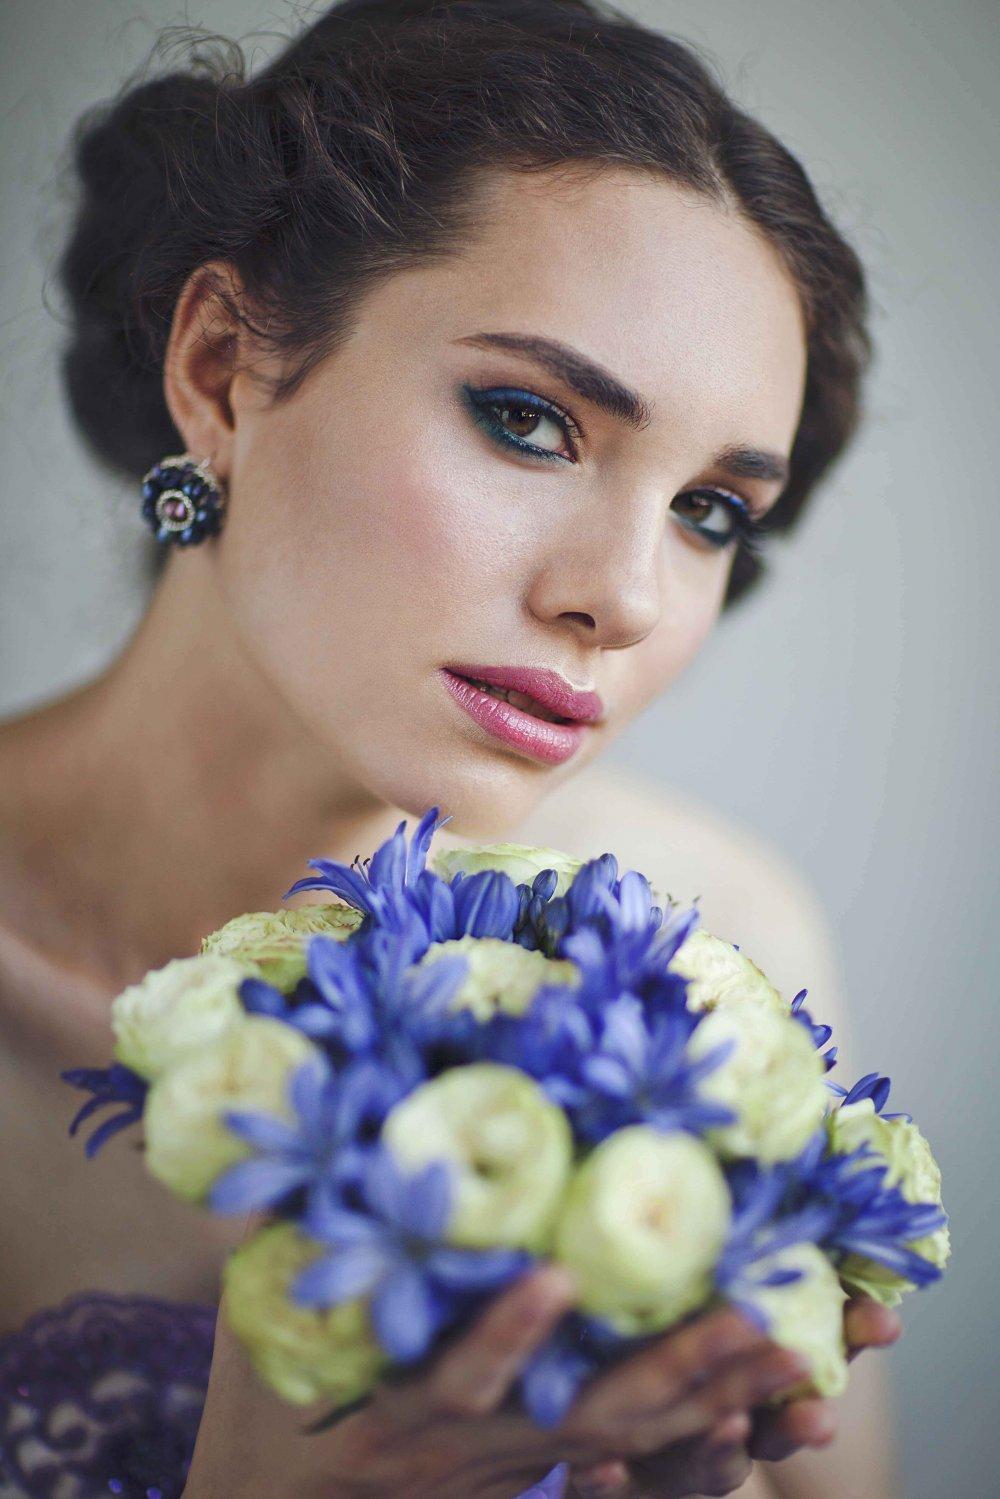 Макияж невесты в синих тонах фото